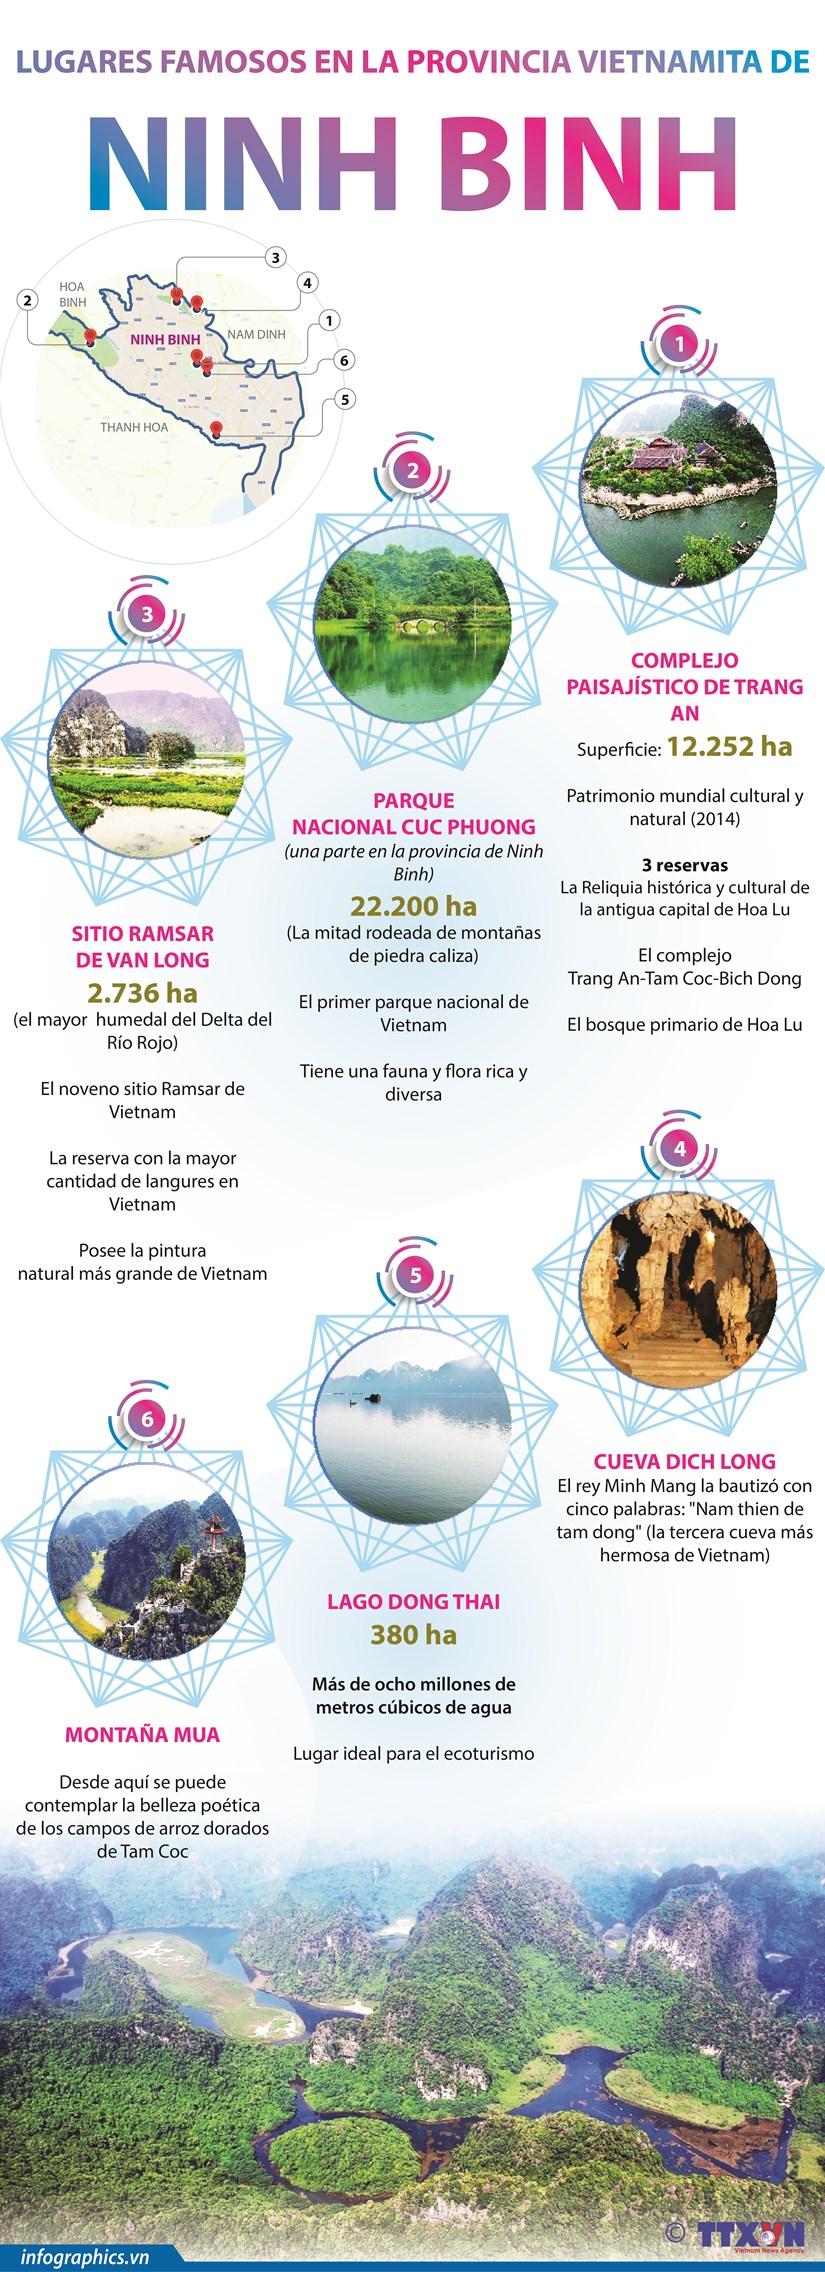 Lugares famosos en la provincia vietnamita de Ninh Binh hinh anh 1